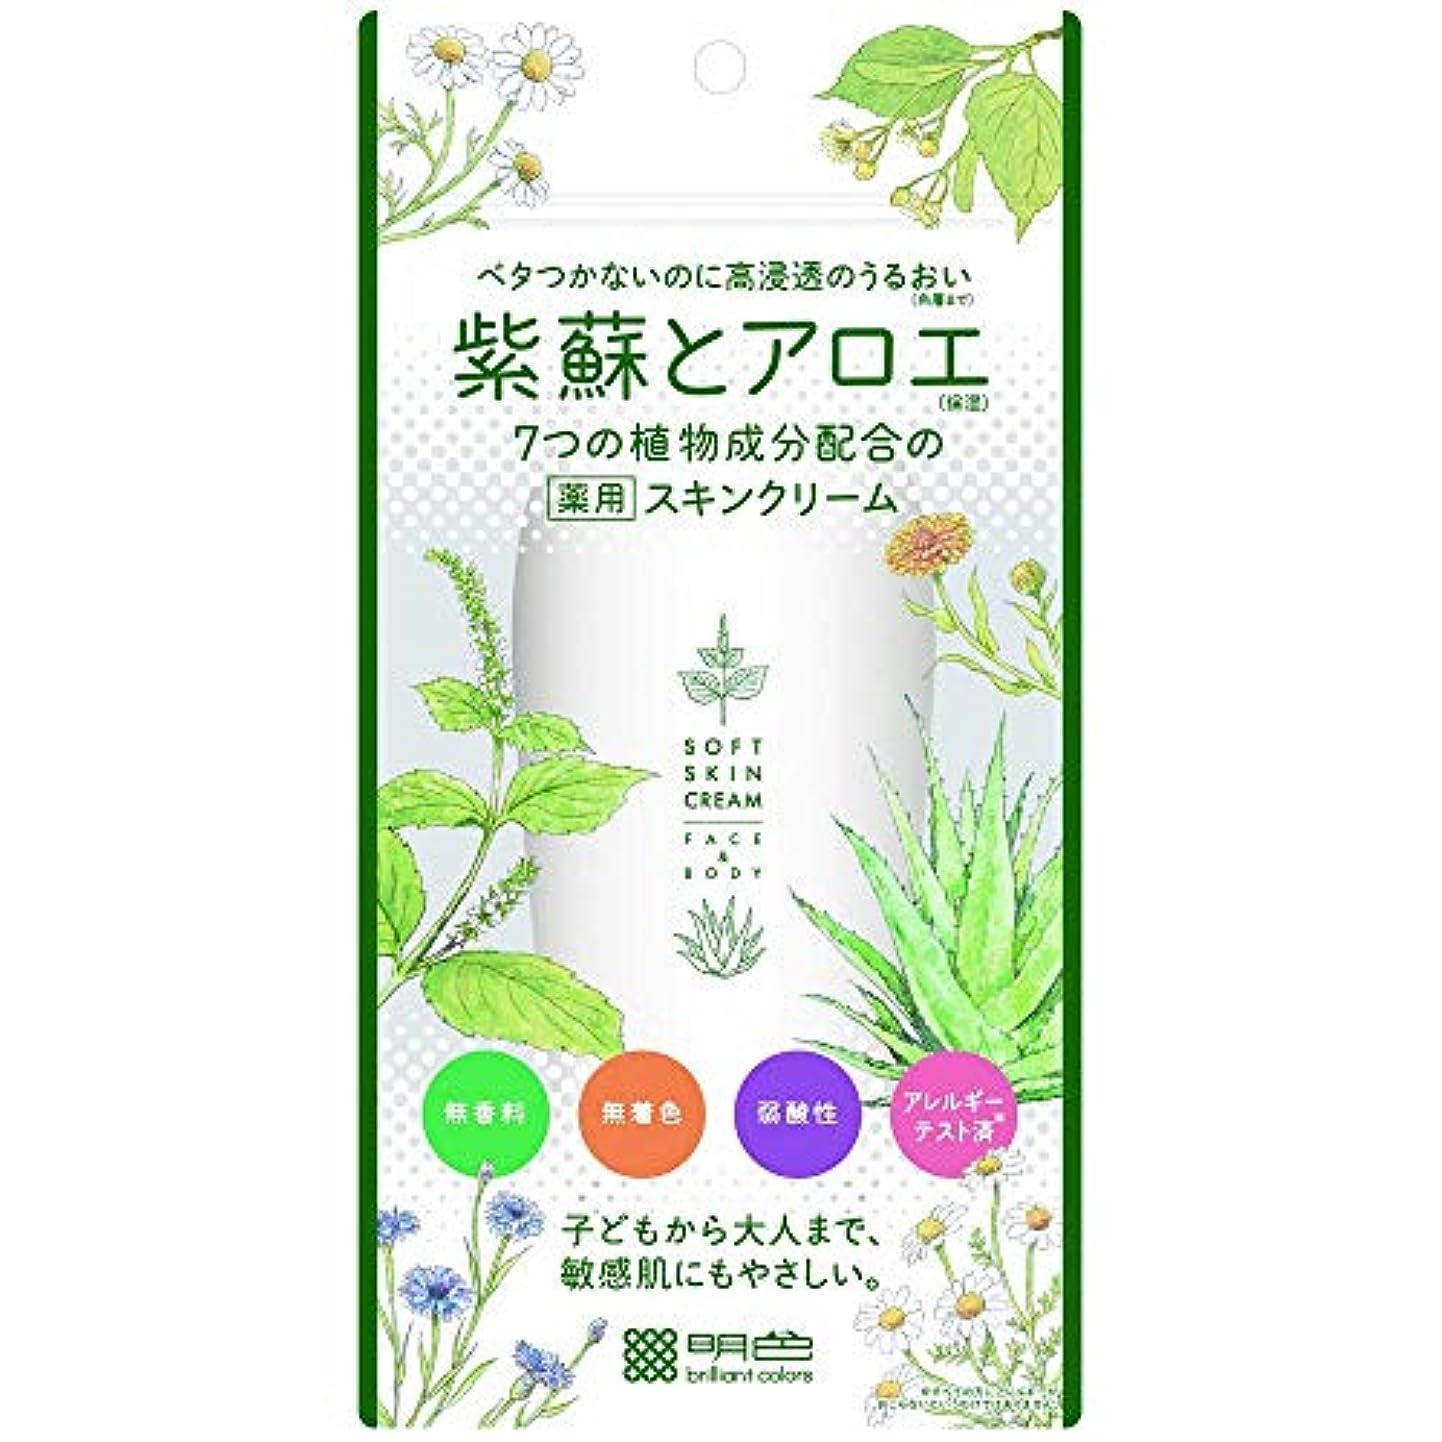 受け継ぐ一過性リング【4個セット】紫蘇とアロエ 薬用スキンクリーム 190g